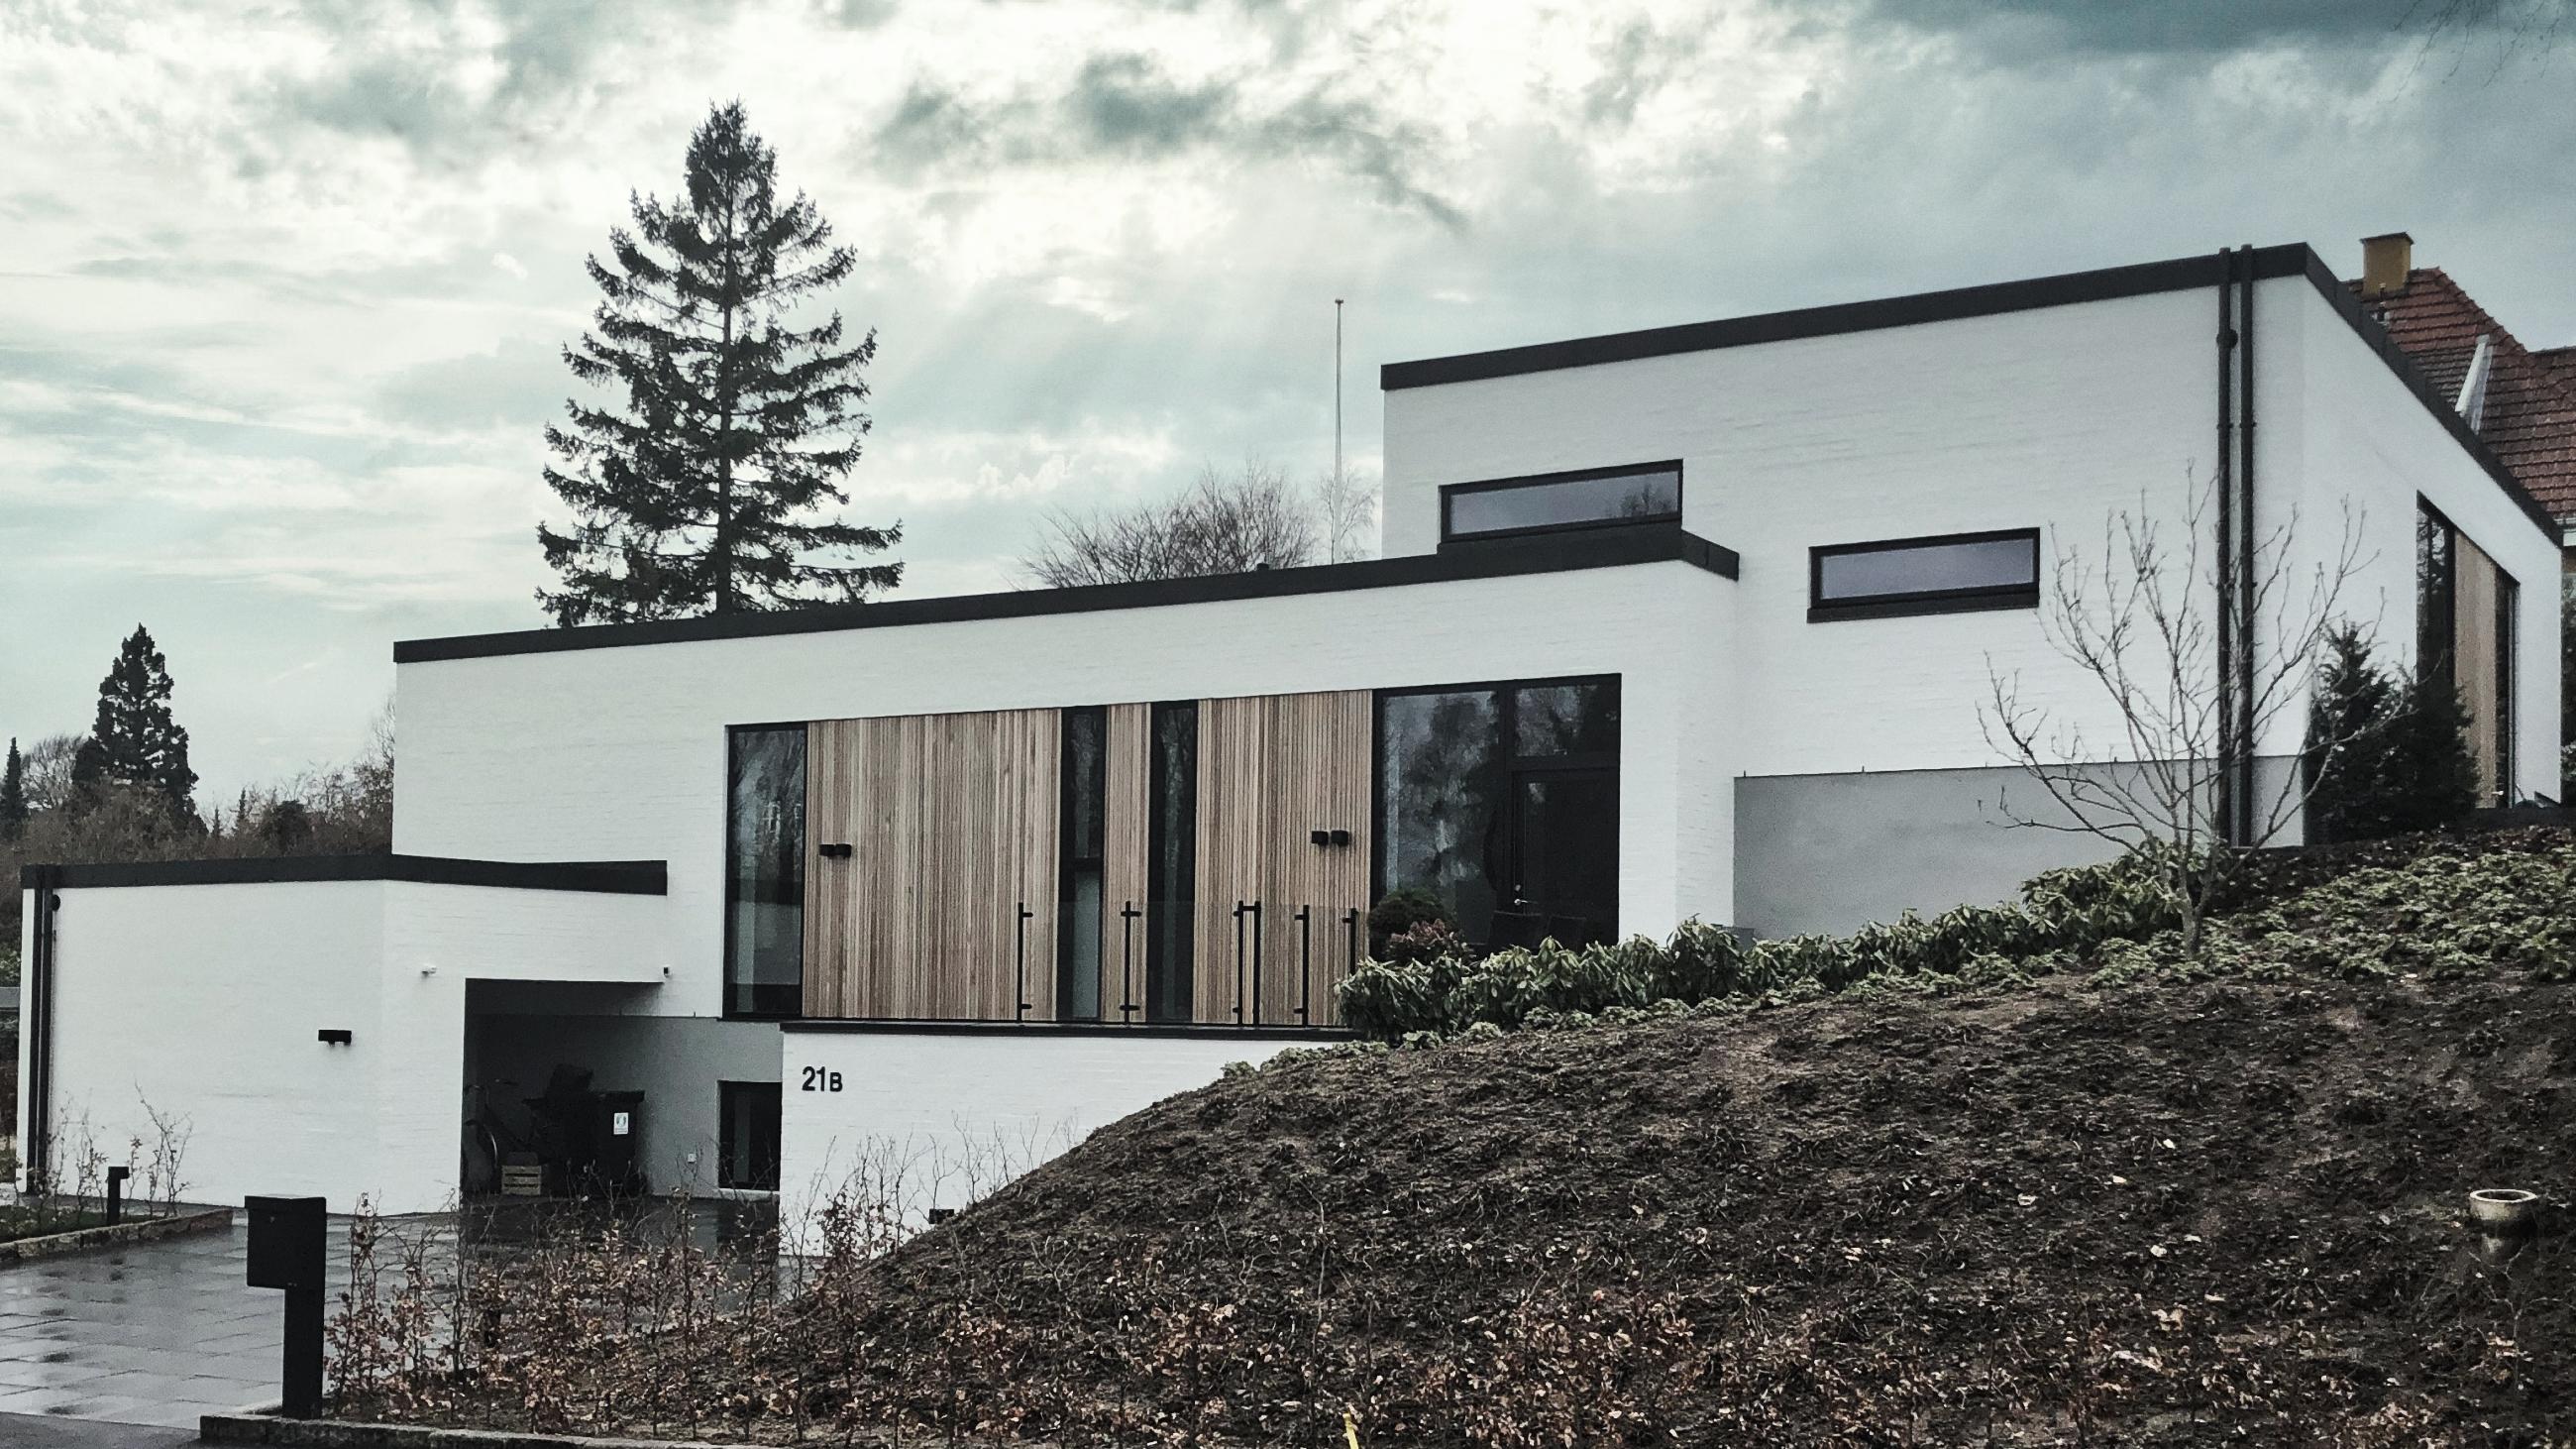 Billede af Dansk arkitekttegnet parterre-plans villa af arkitektfirmaet m2plus.